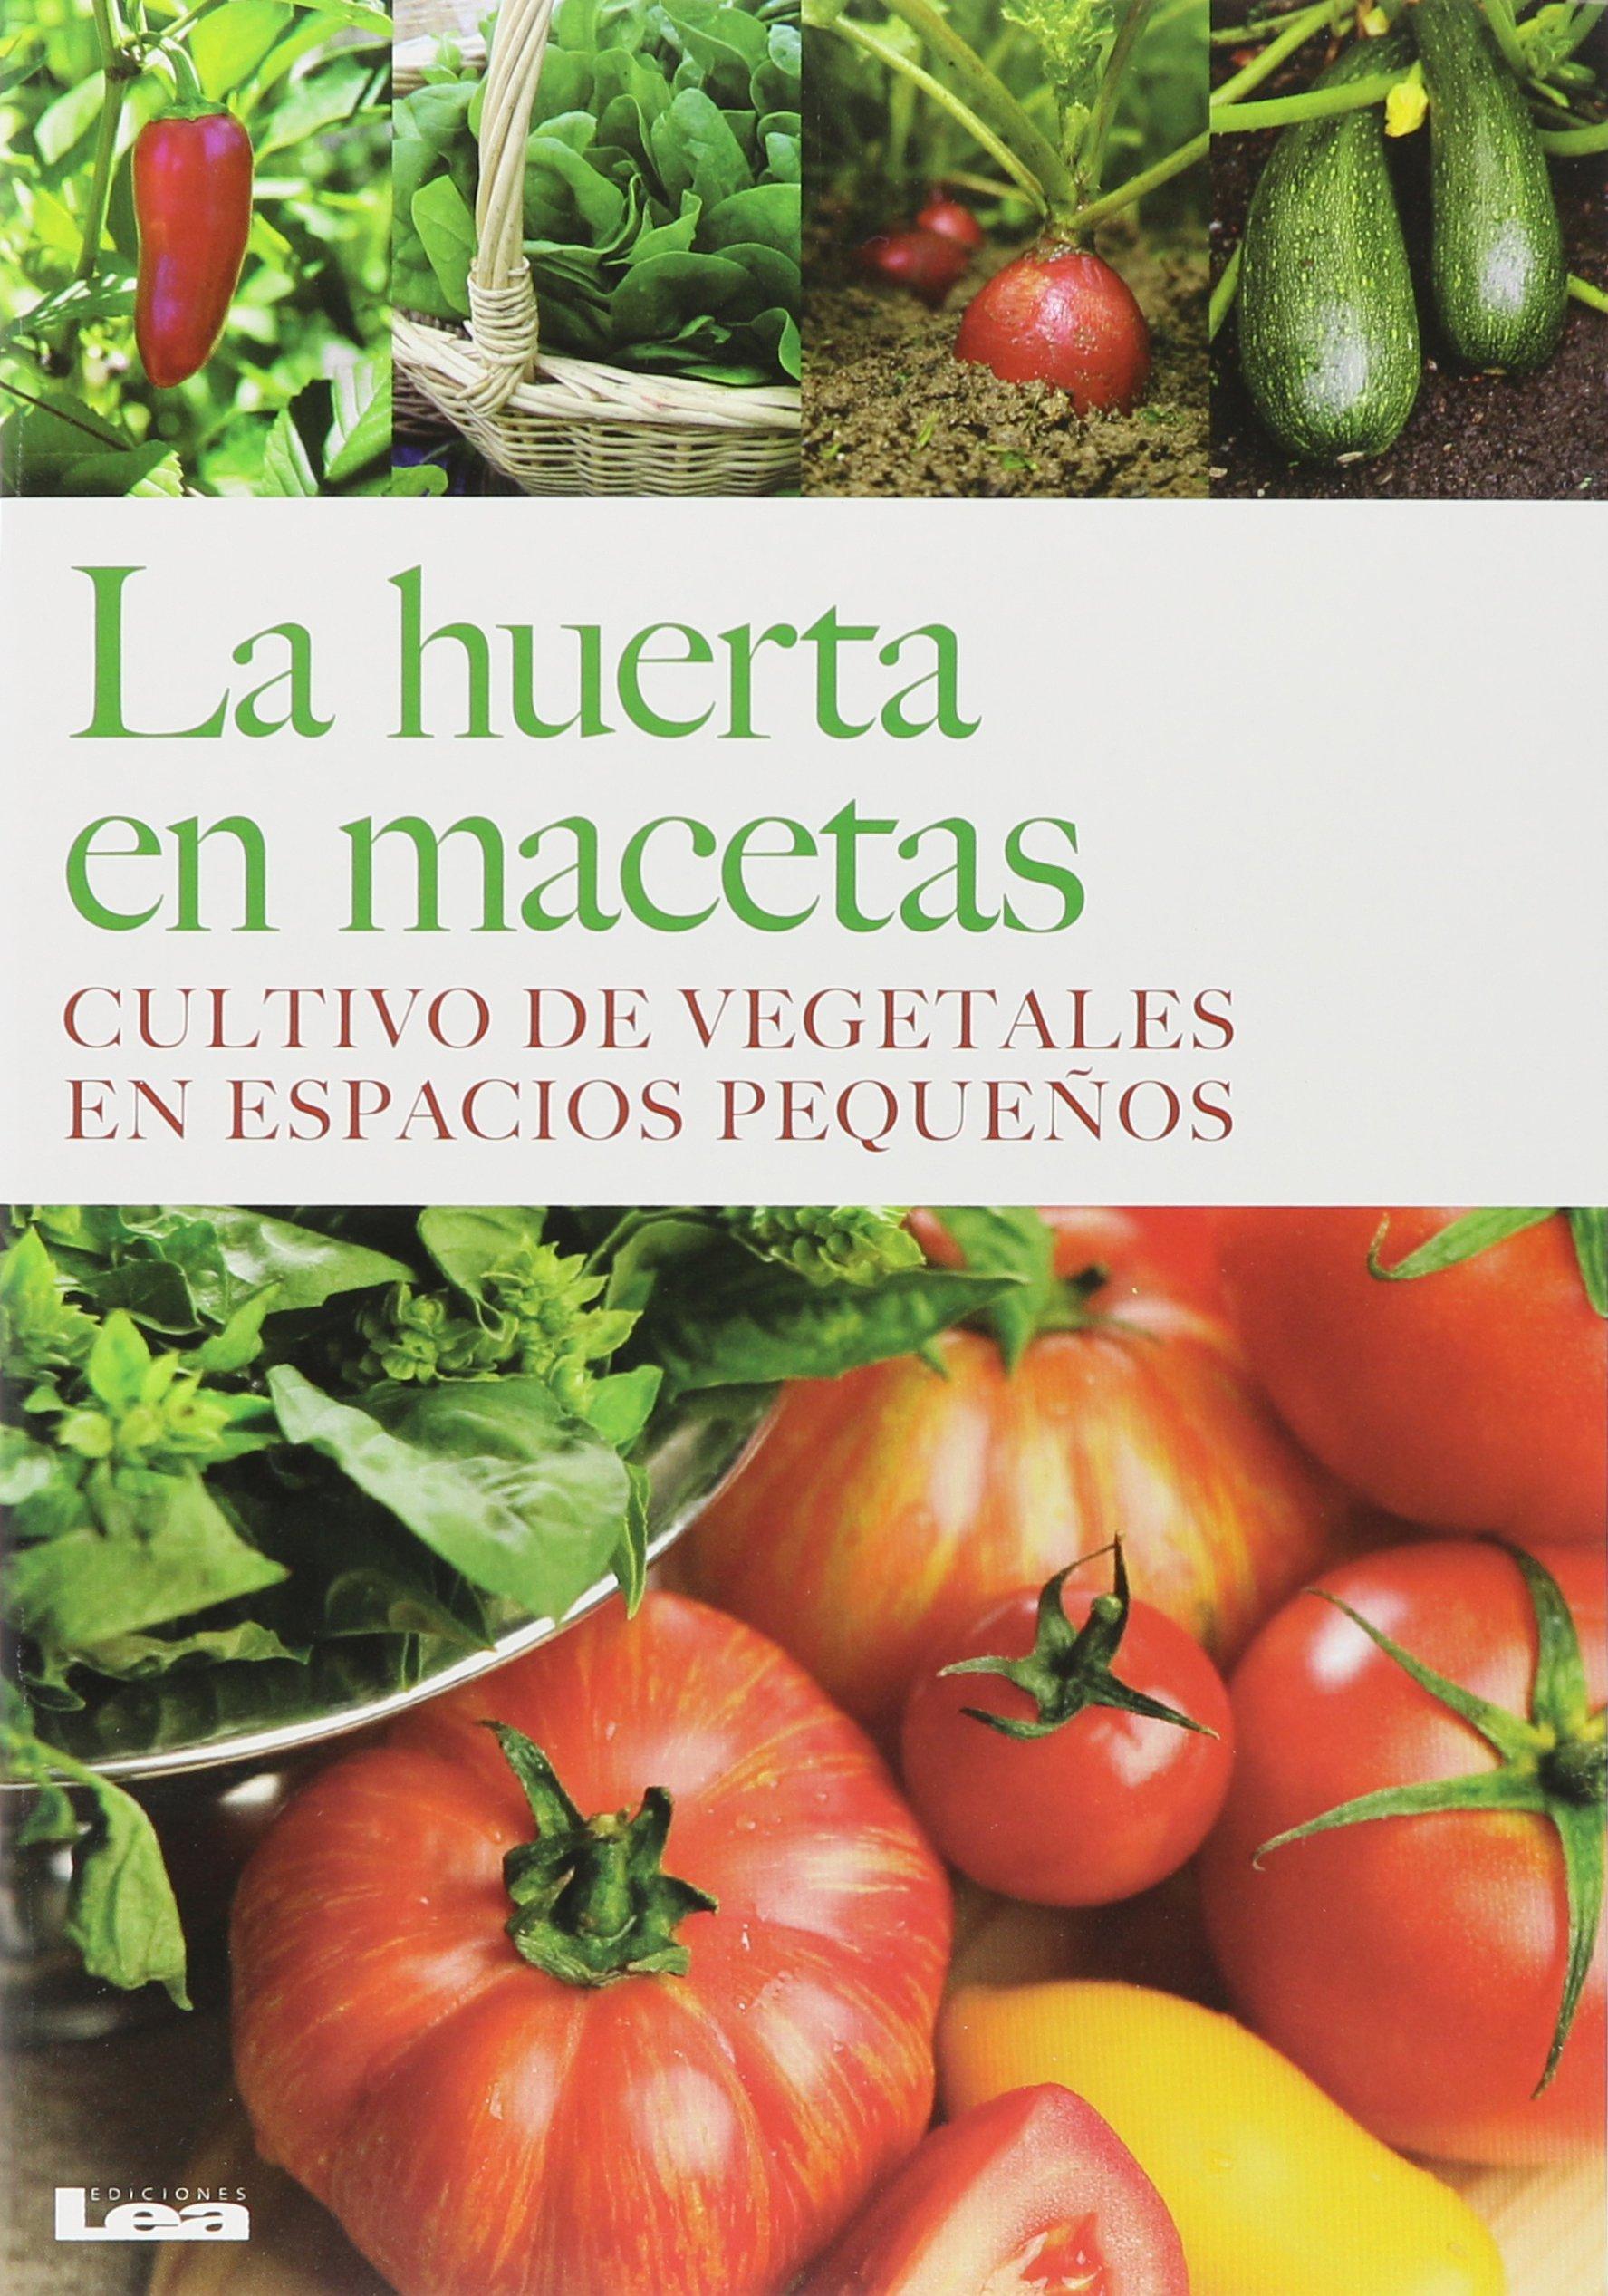 la huerta en macetas cultivo de vegetales en espacios pequeos spanish edition liliana gonzlez revro amazoncom books